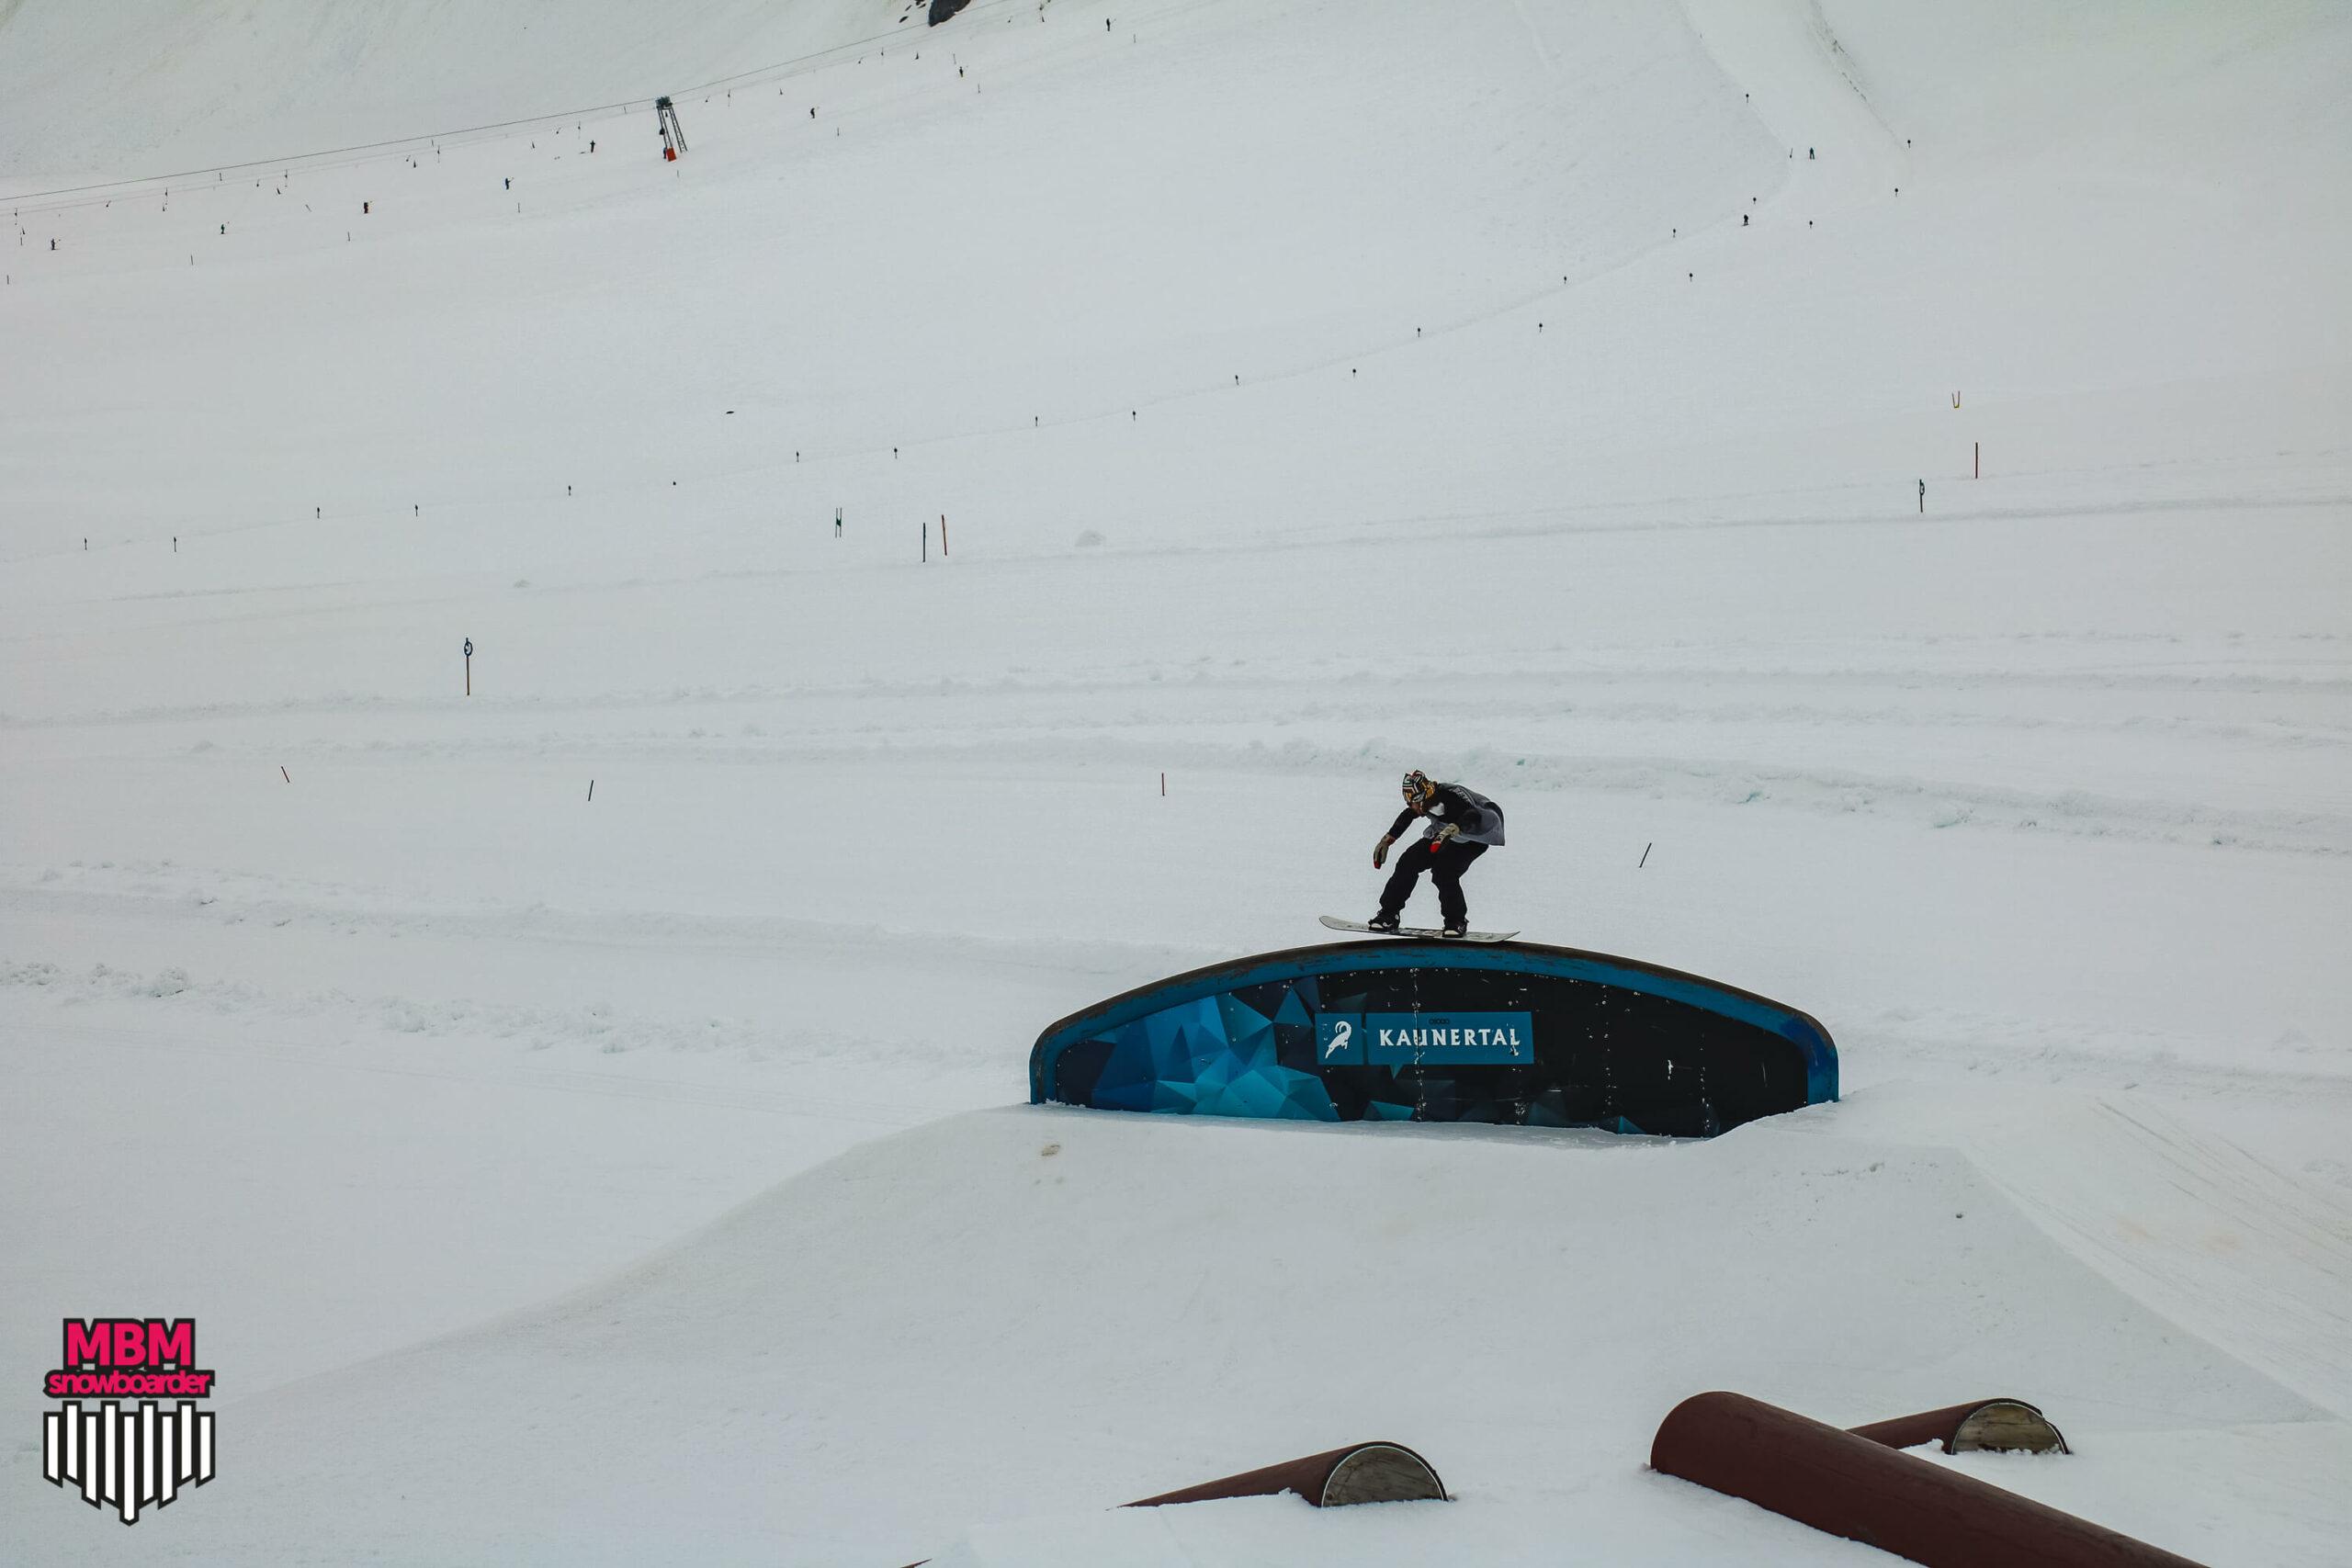 snowboarderMBM_sd_kaunertal_016